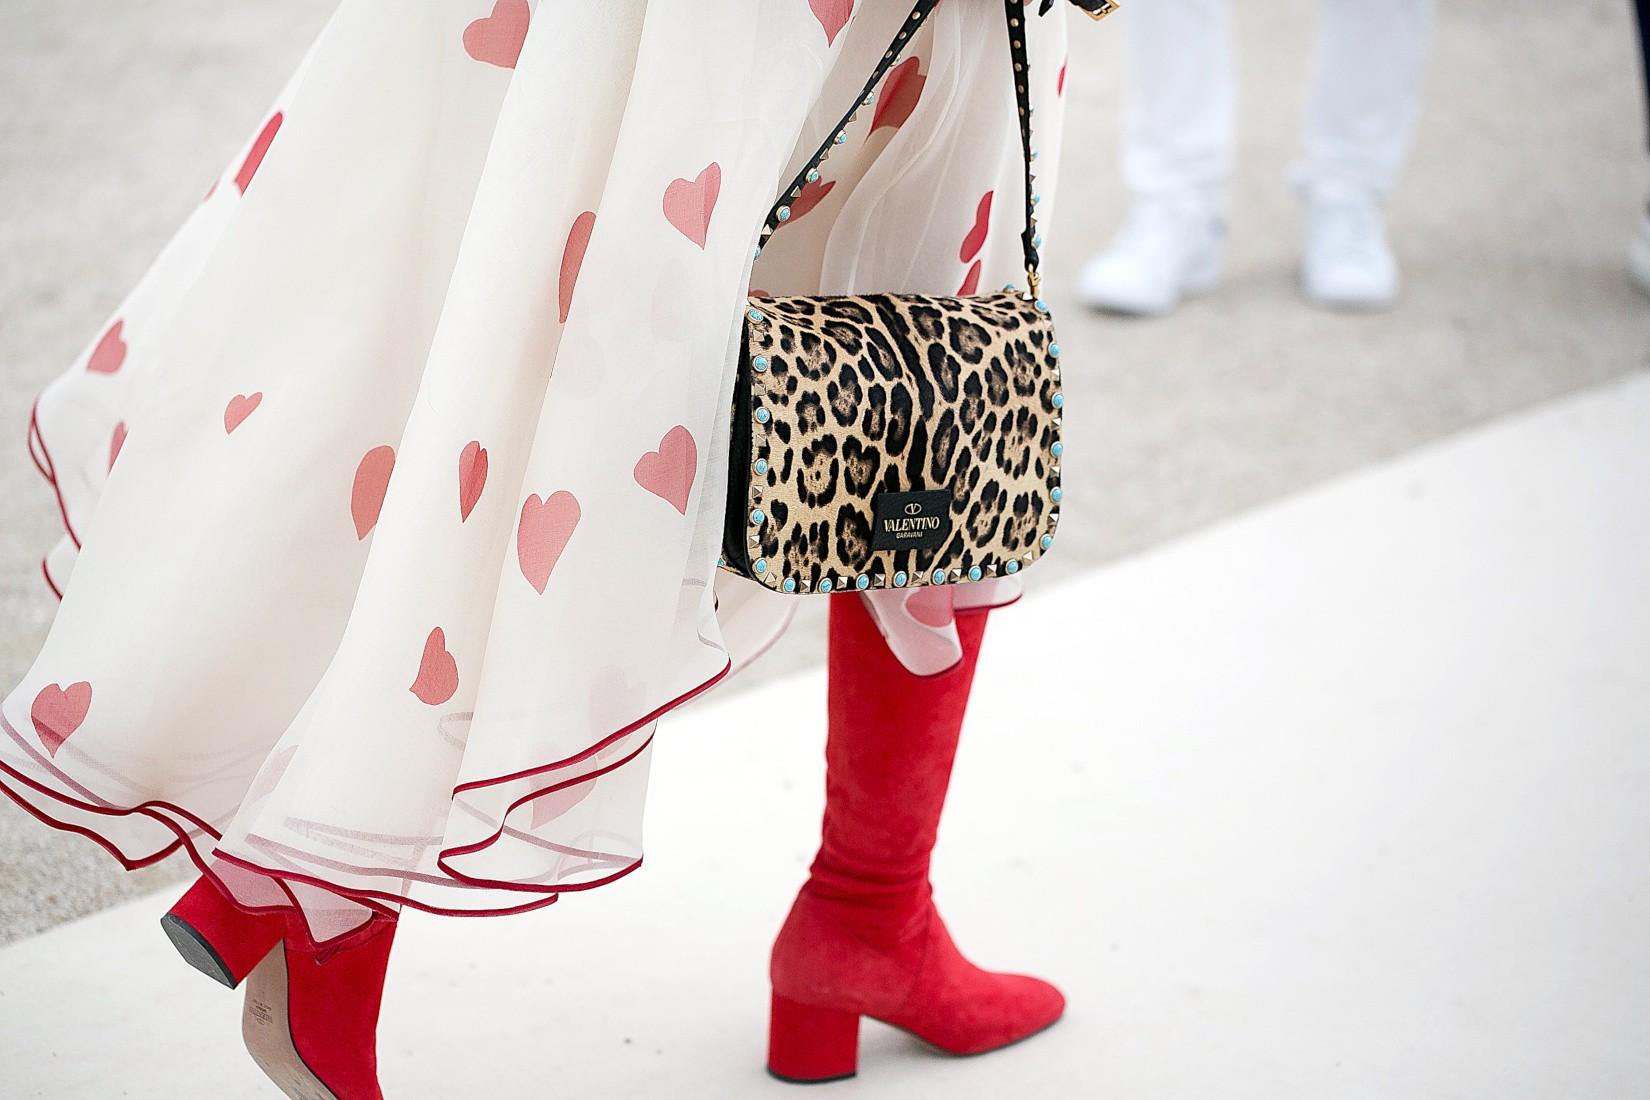 Comment rendre chic un style girly avec du léopard